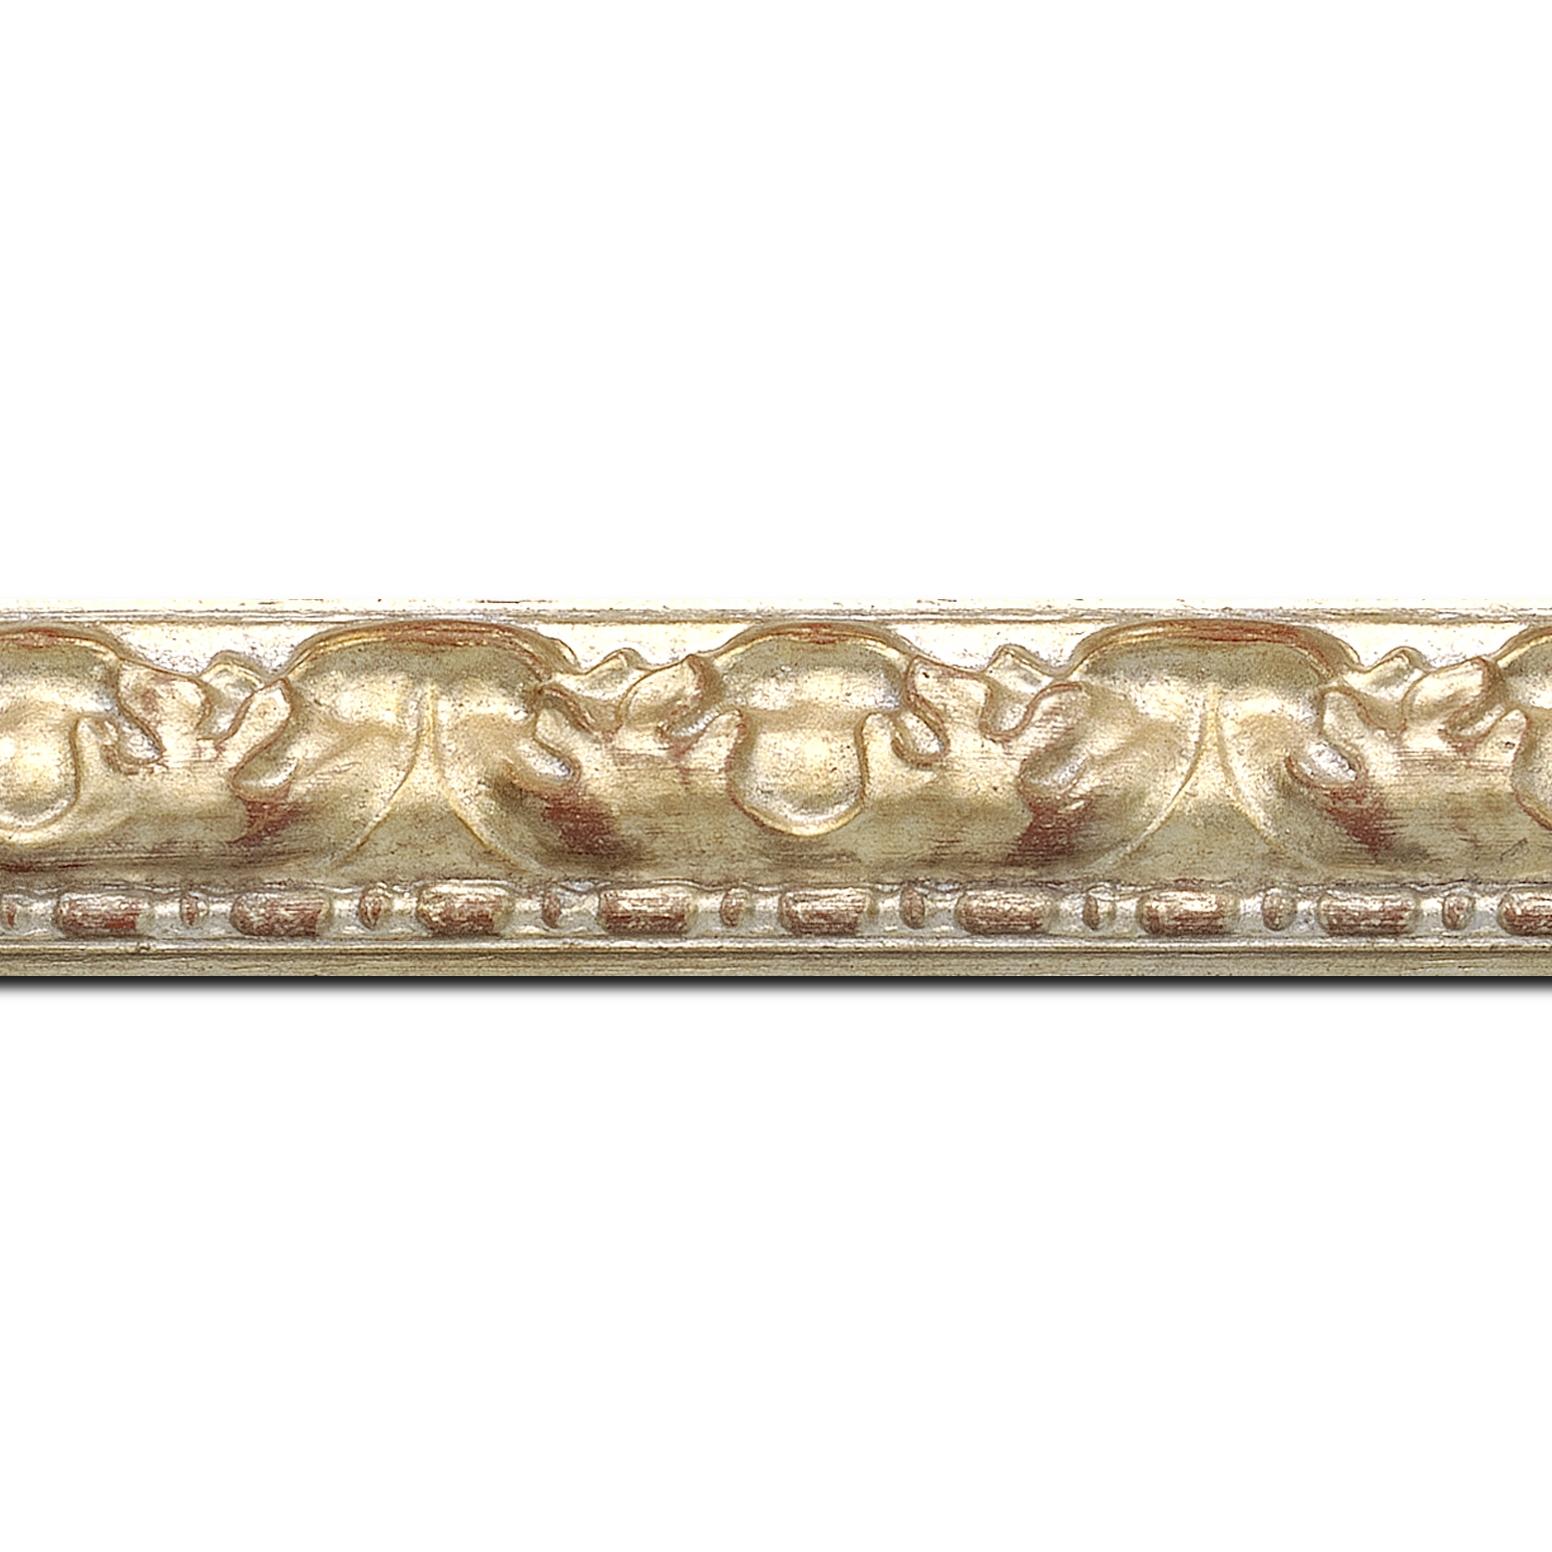 Baguette longueur 1.40m bois profil bombé largeur 4cm couleur argent antique